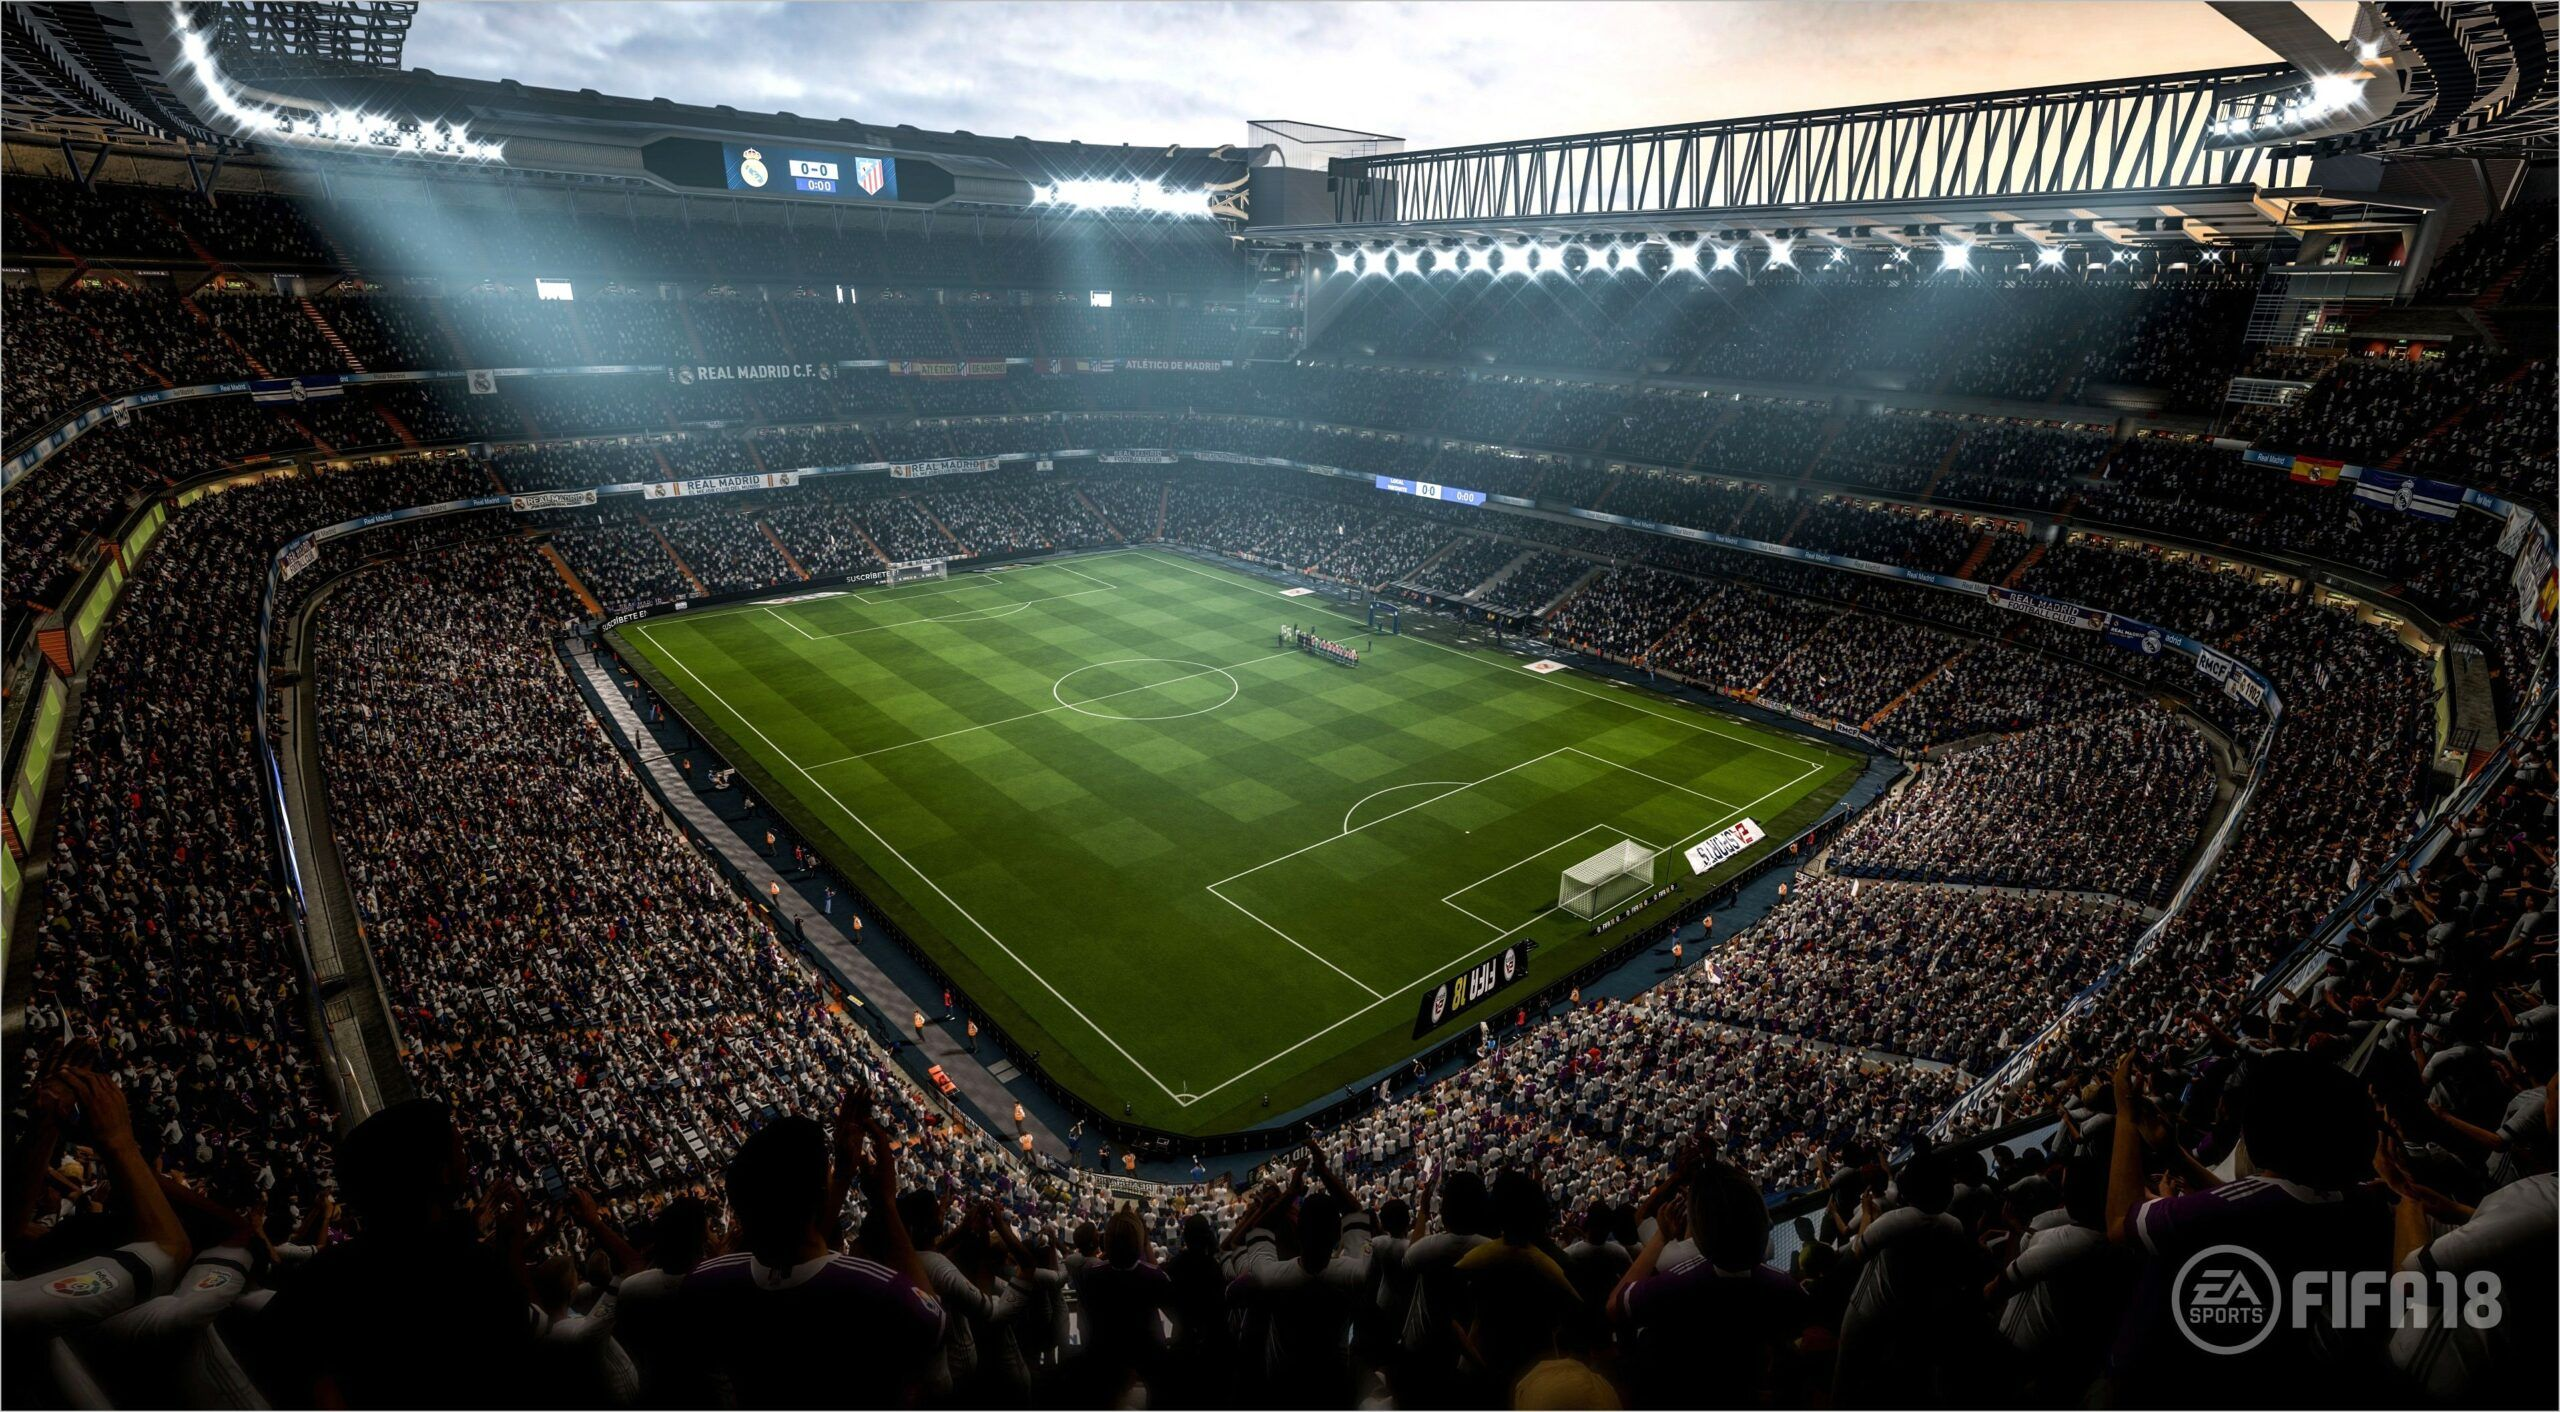 Wallpaper 4k Para Pc Esstadio 2019 In 2020 Soccer Video Games Fifa Soccer